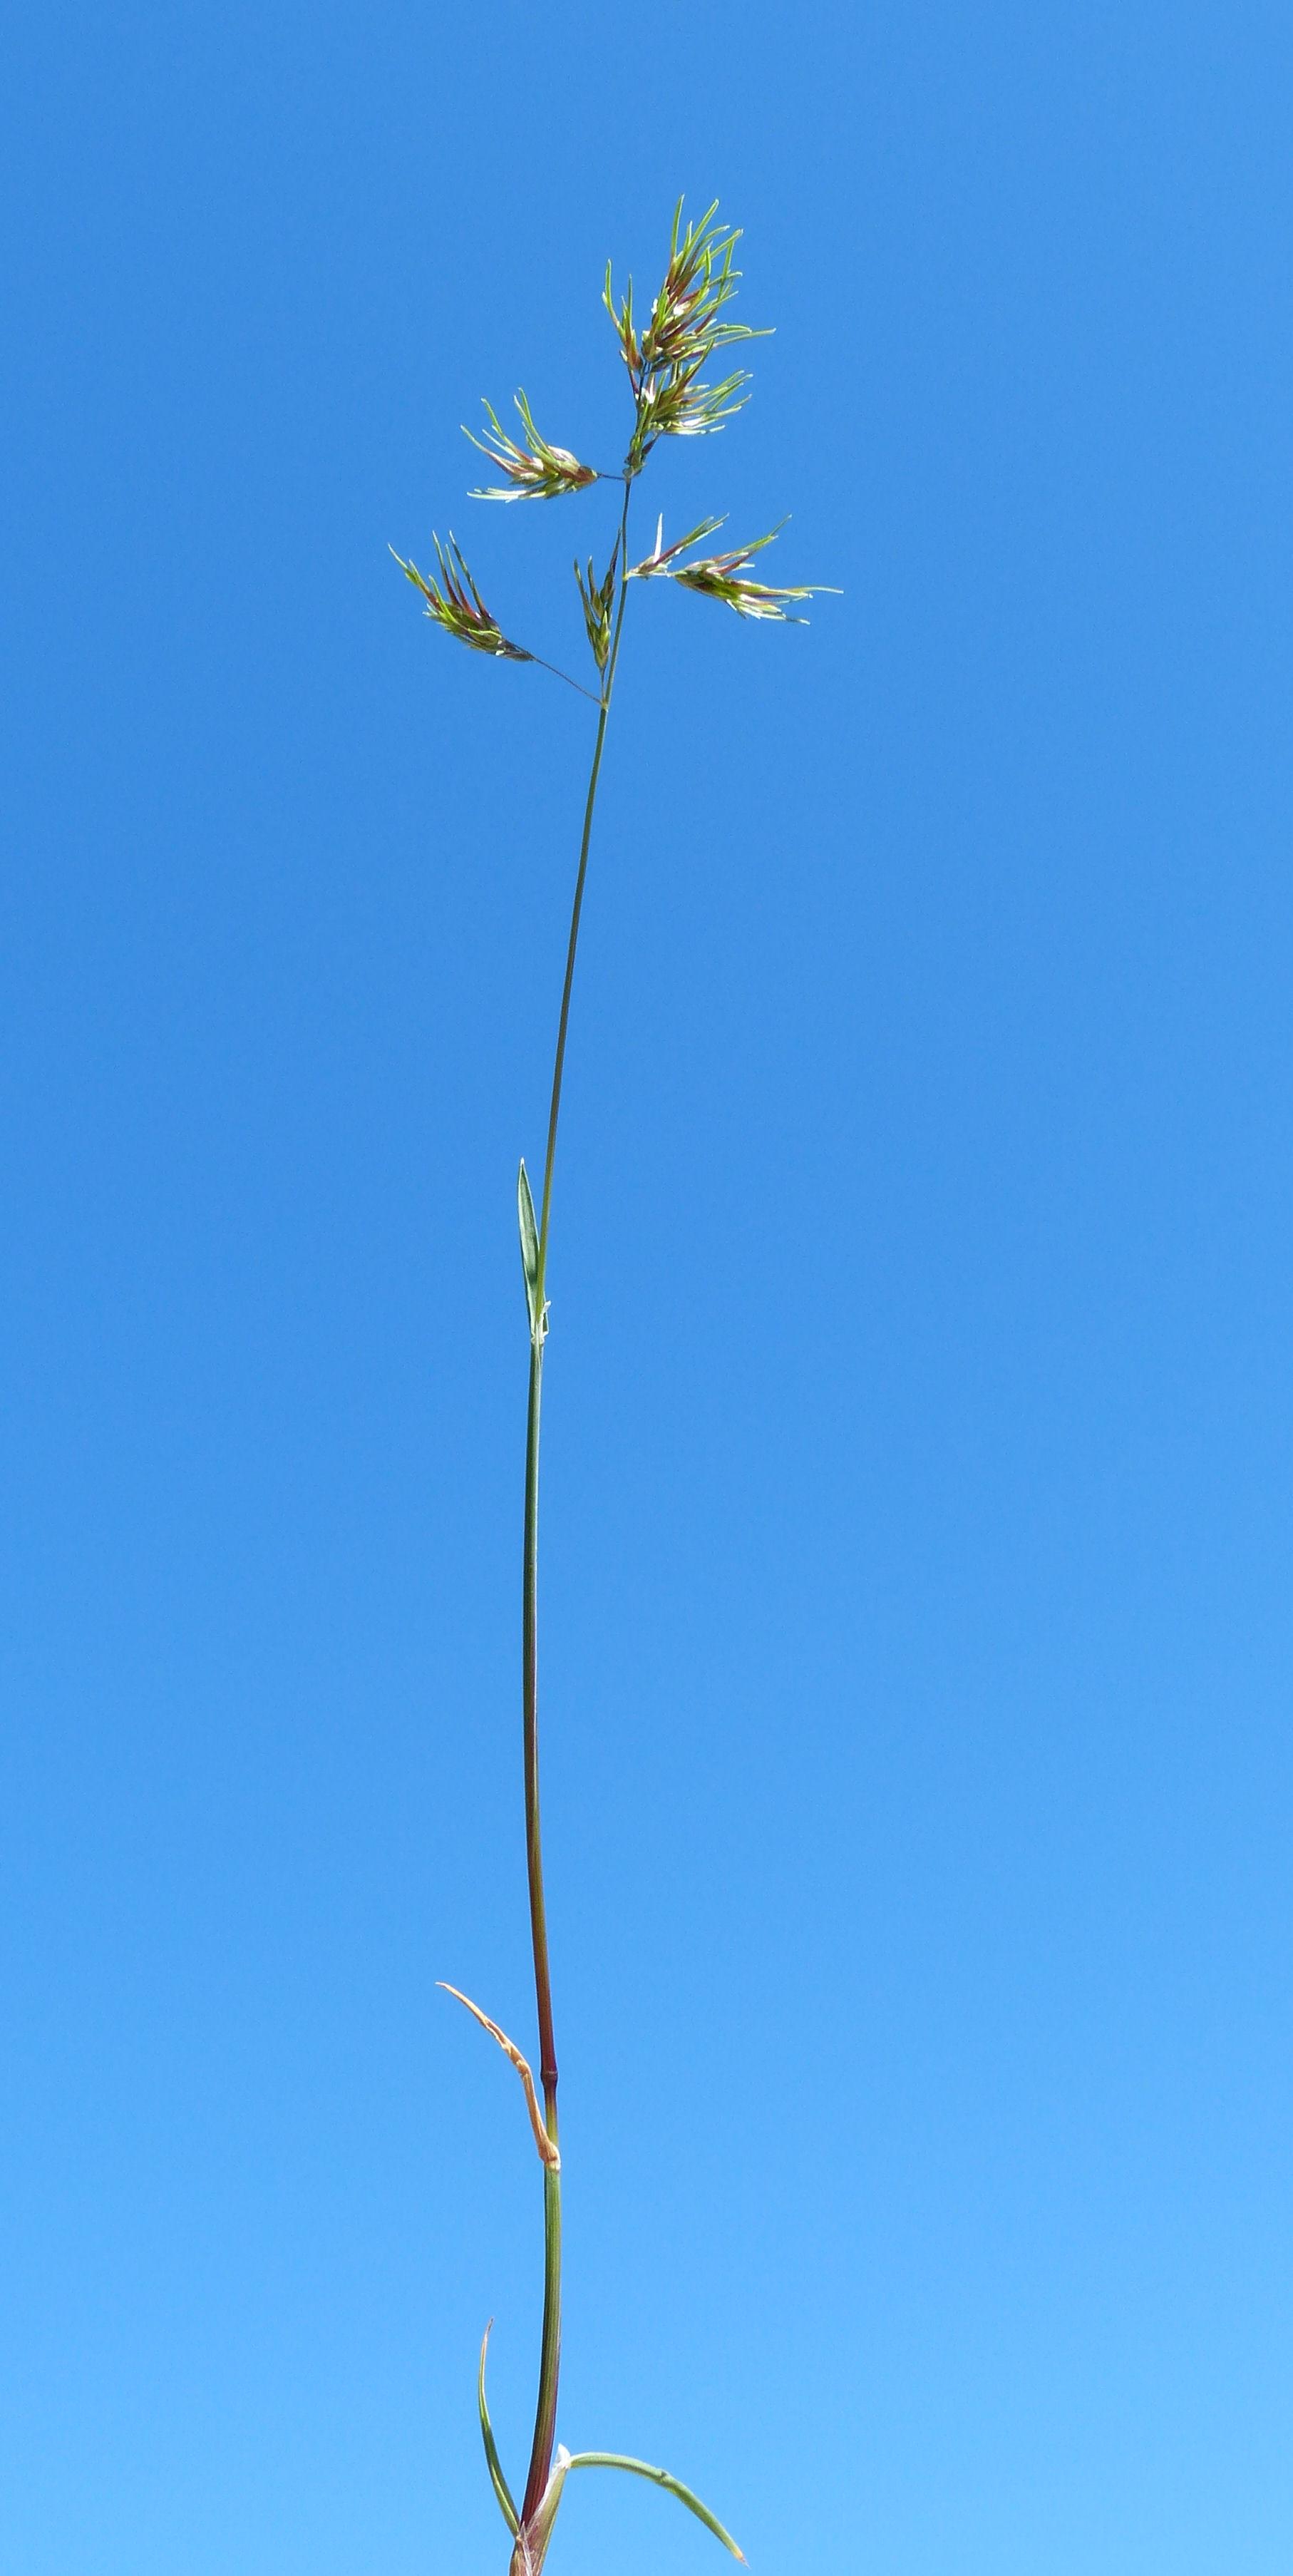 © Dipartimento di Scienze della Vita, Università degli Studi di Trieste<br>by Andrea Moro<br>Comune di Trieste, Monte Valerio, TS, Friuli Venezia Giulia, Italia, 24/04/2013<br>Distributed under CC-BY-SA 4.0 license.